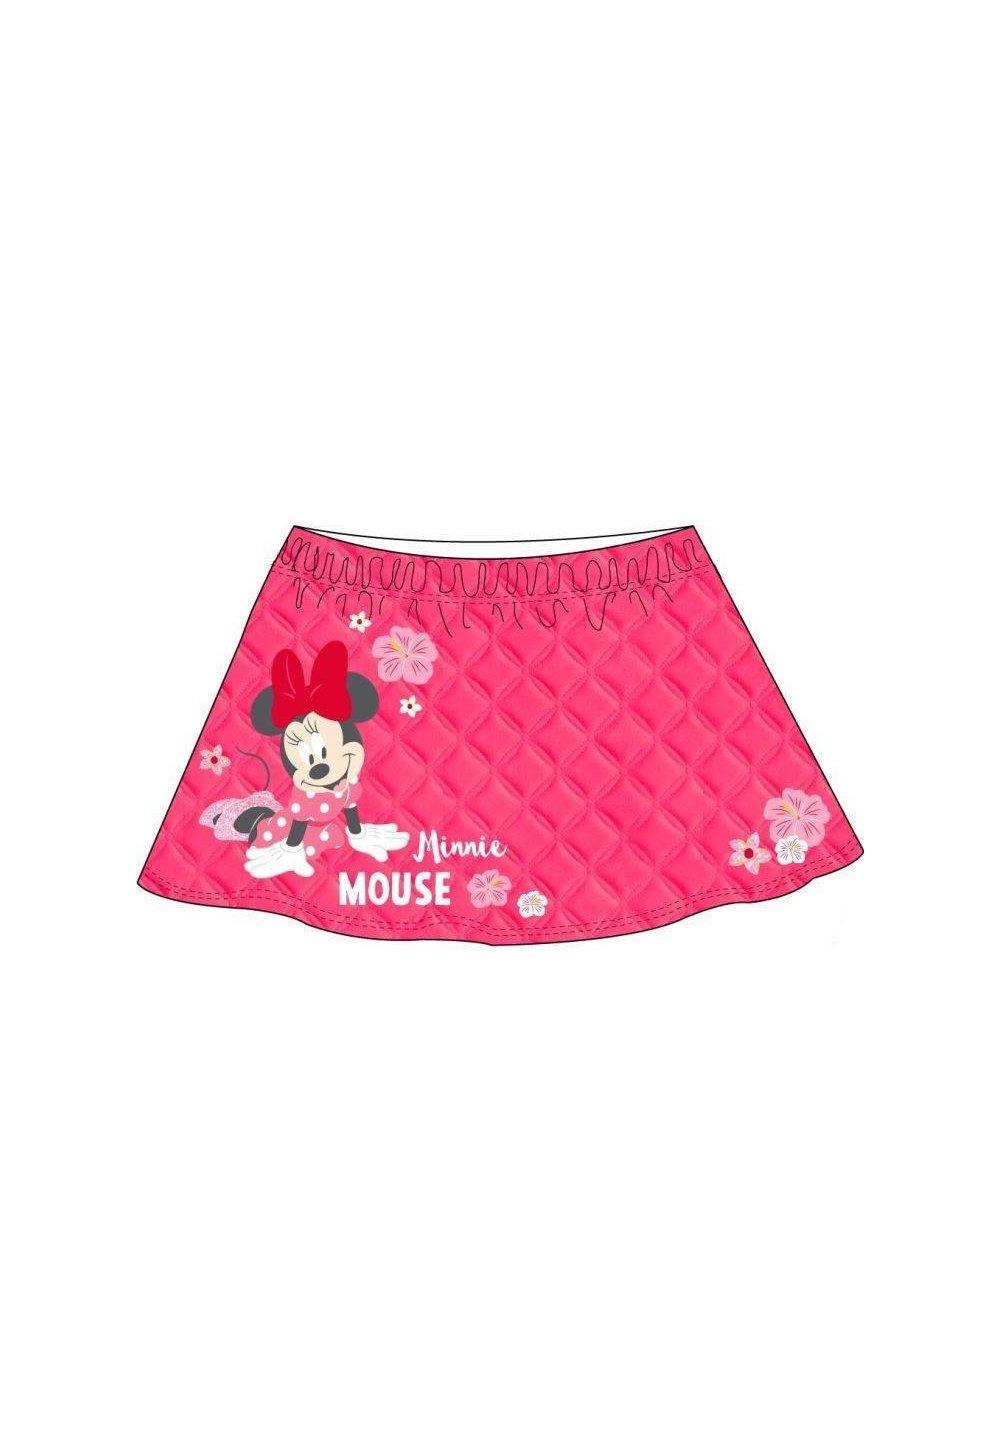 Fusta, Minnie Mouse, roz cu floricele imagine